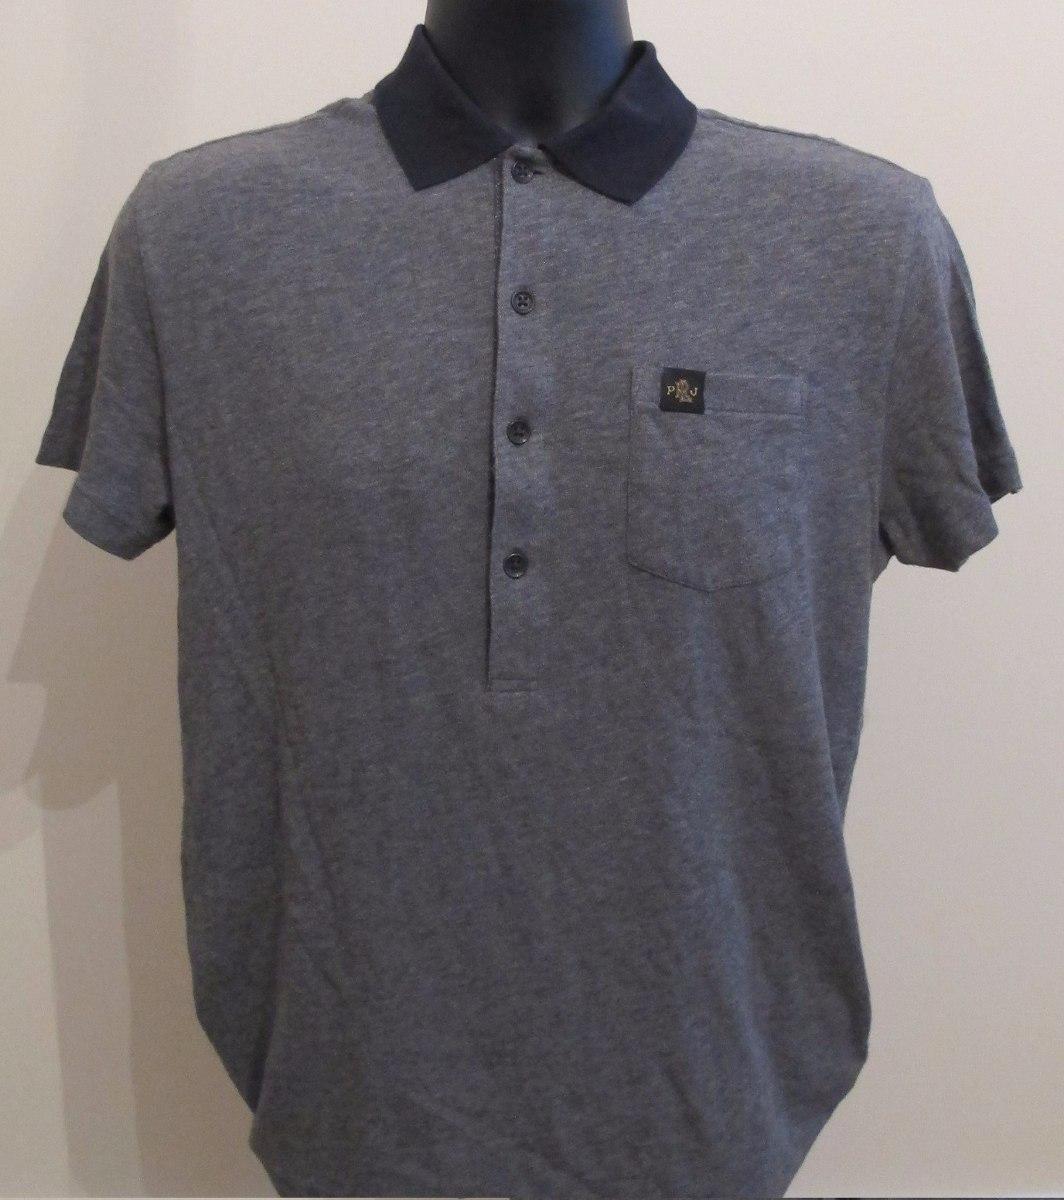 camisa polo ralph lauren original tam p produto inglês perry. Carregando  zoom. daac77c204f